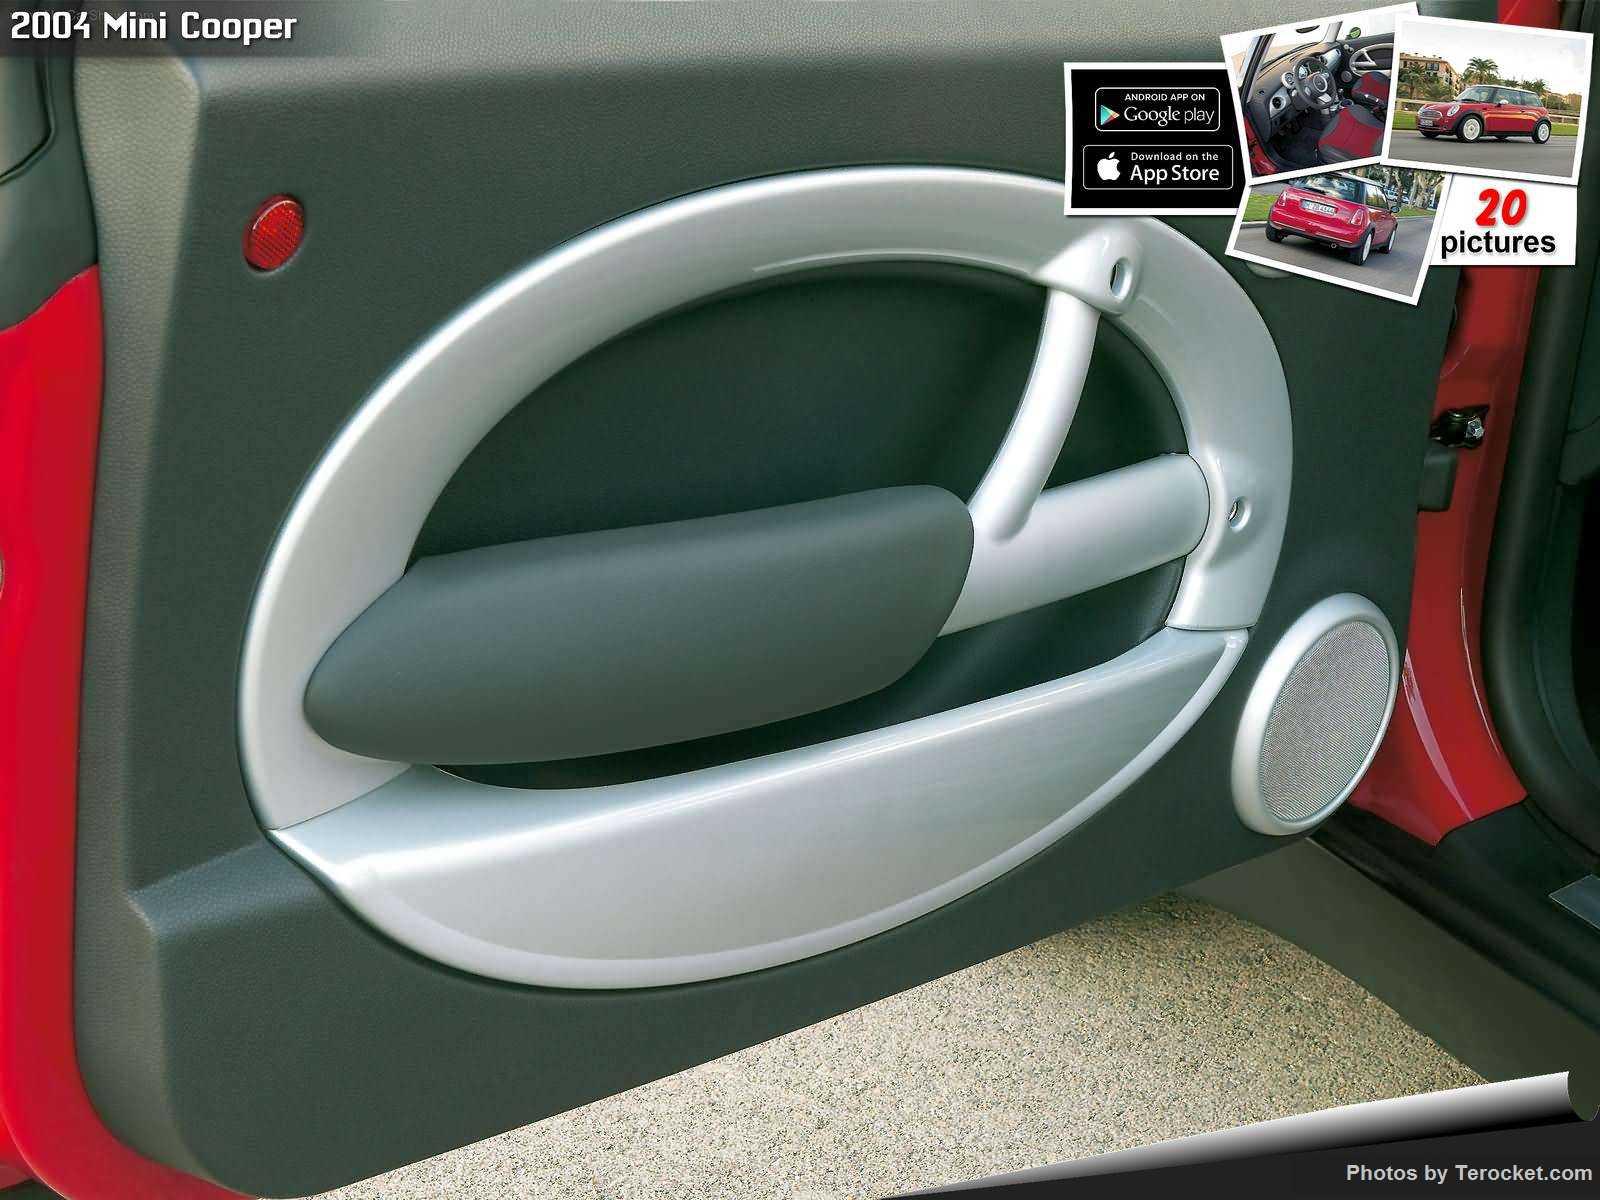 Hình ảnh xe ô tô Mini Cooper 2004 & nội ngoại thất